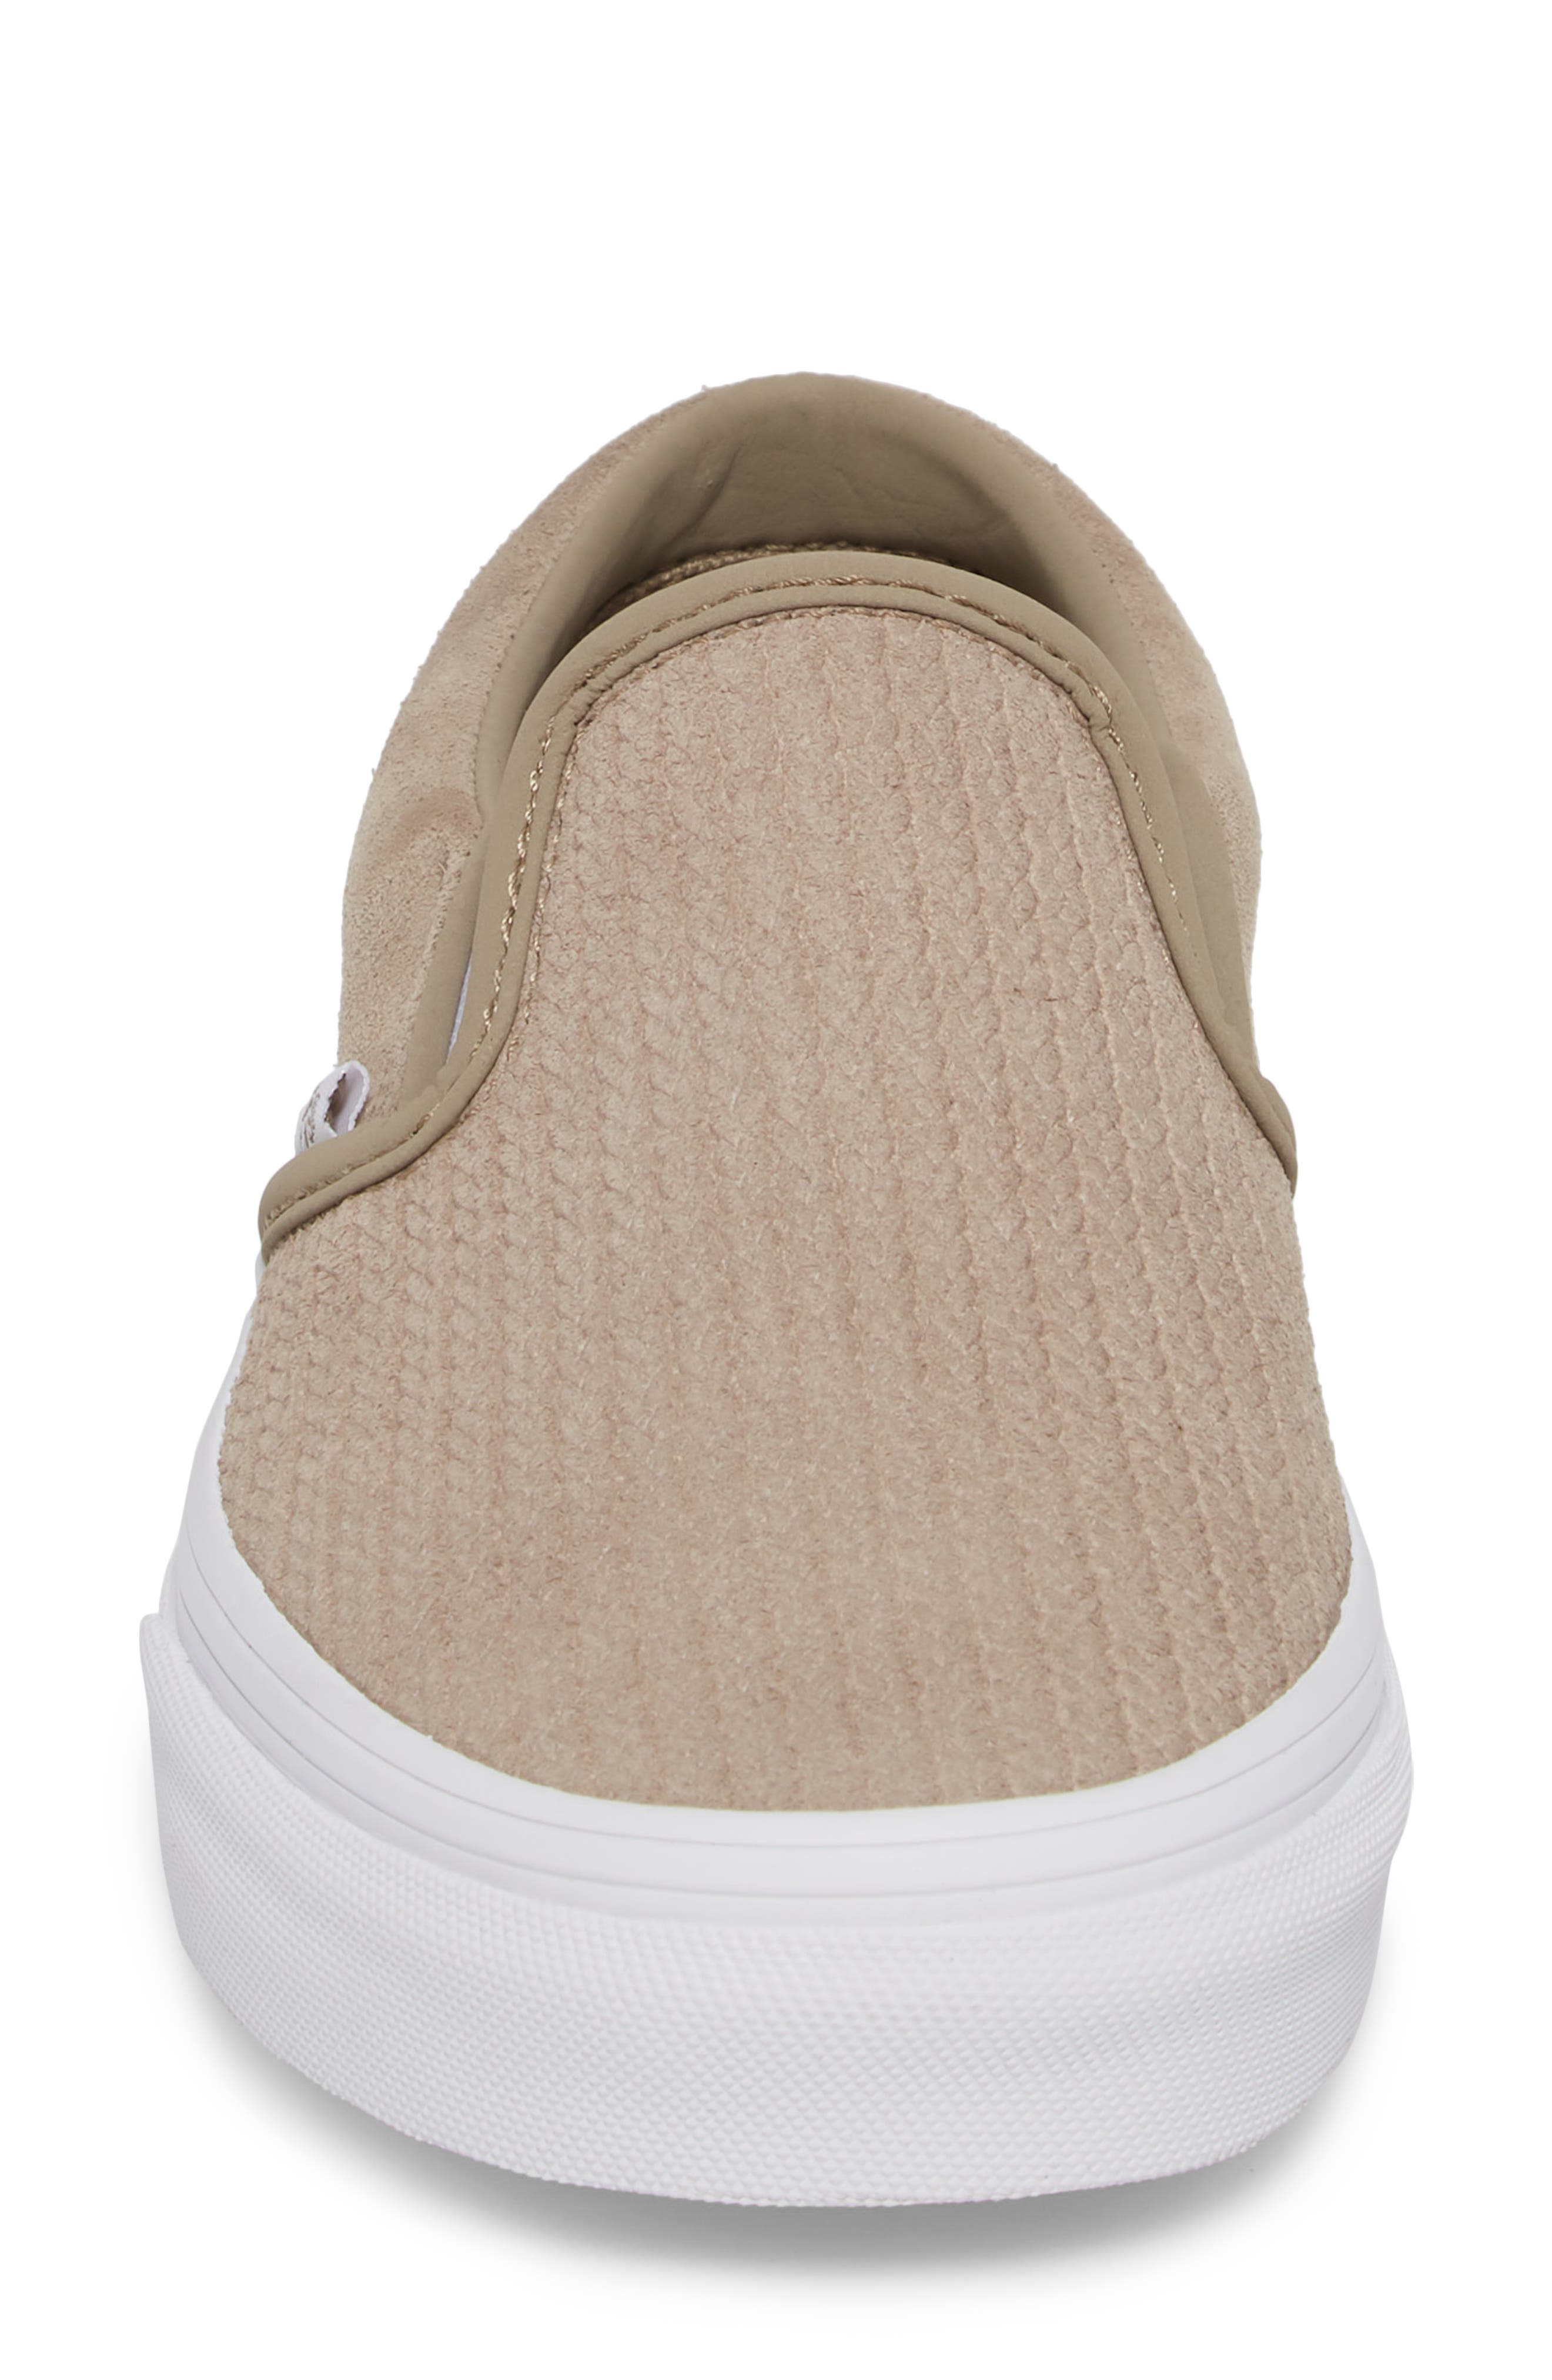 Classic Slip-On Sneaker,                             Alternate thumbnail 4, color,                             DESERT TAUPE/ EMBOSS SUEDE